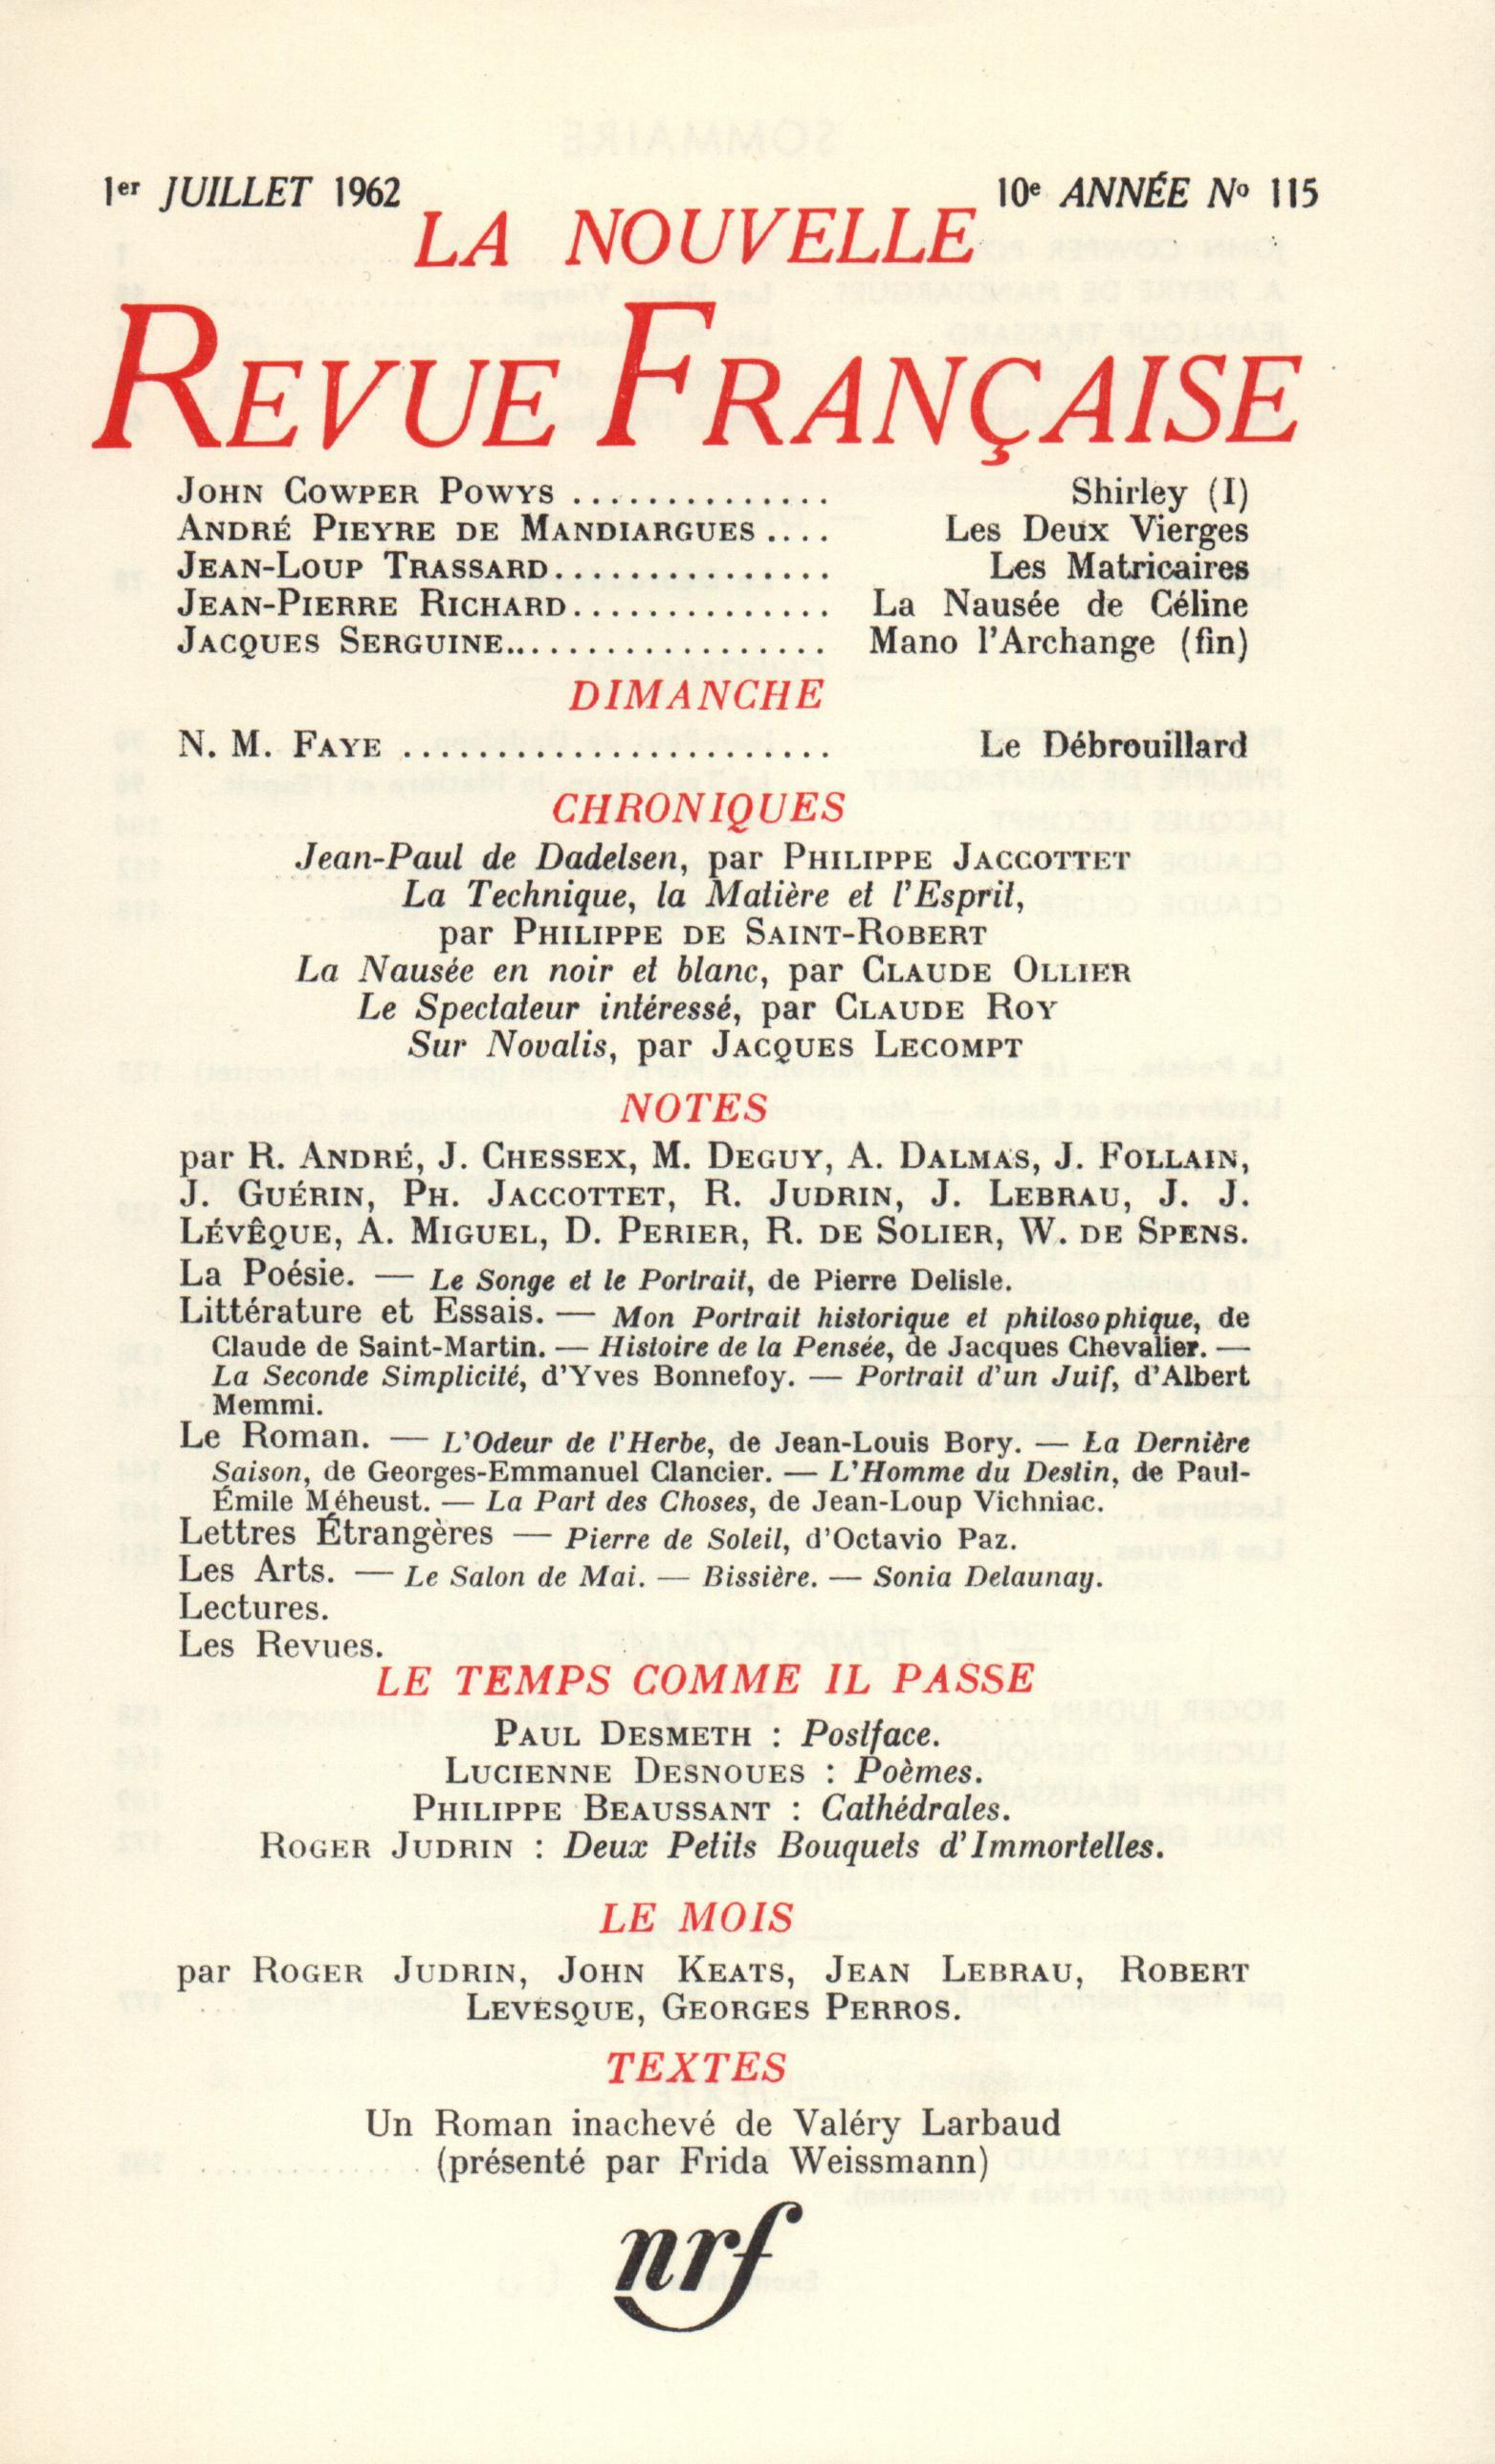 La Nouvelle Revue Française N' 115 (Juillet 1962)